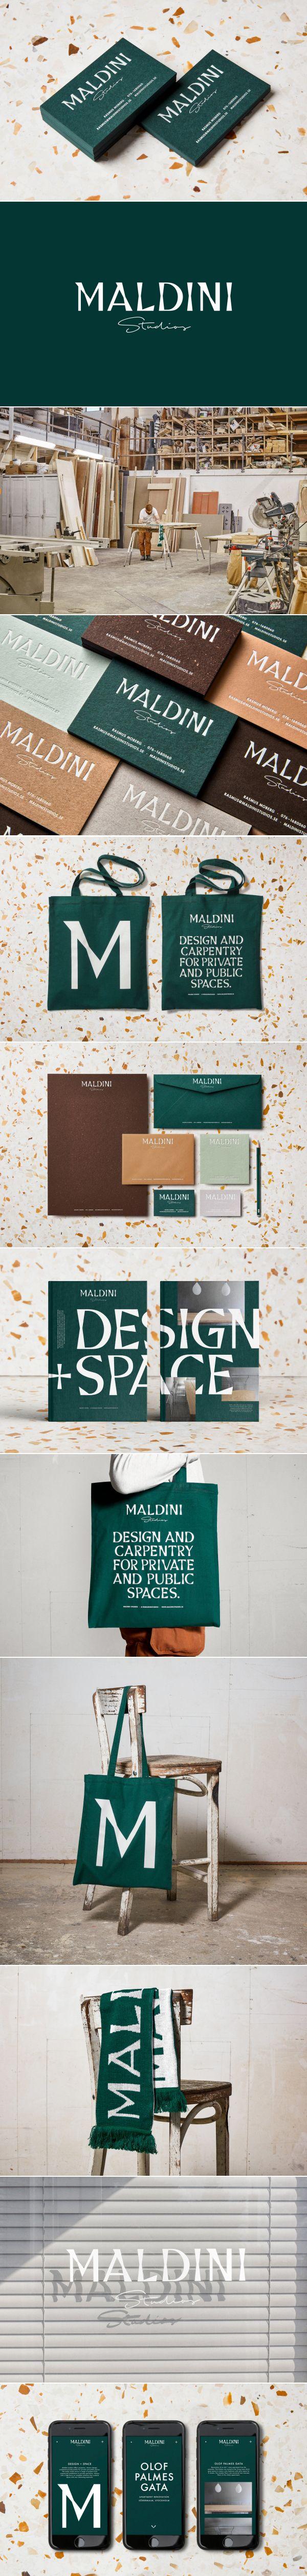 New Graphic Identity for Maldini Studios by Jens Nilsson